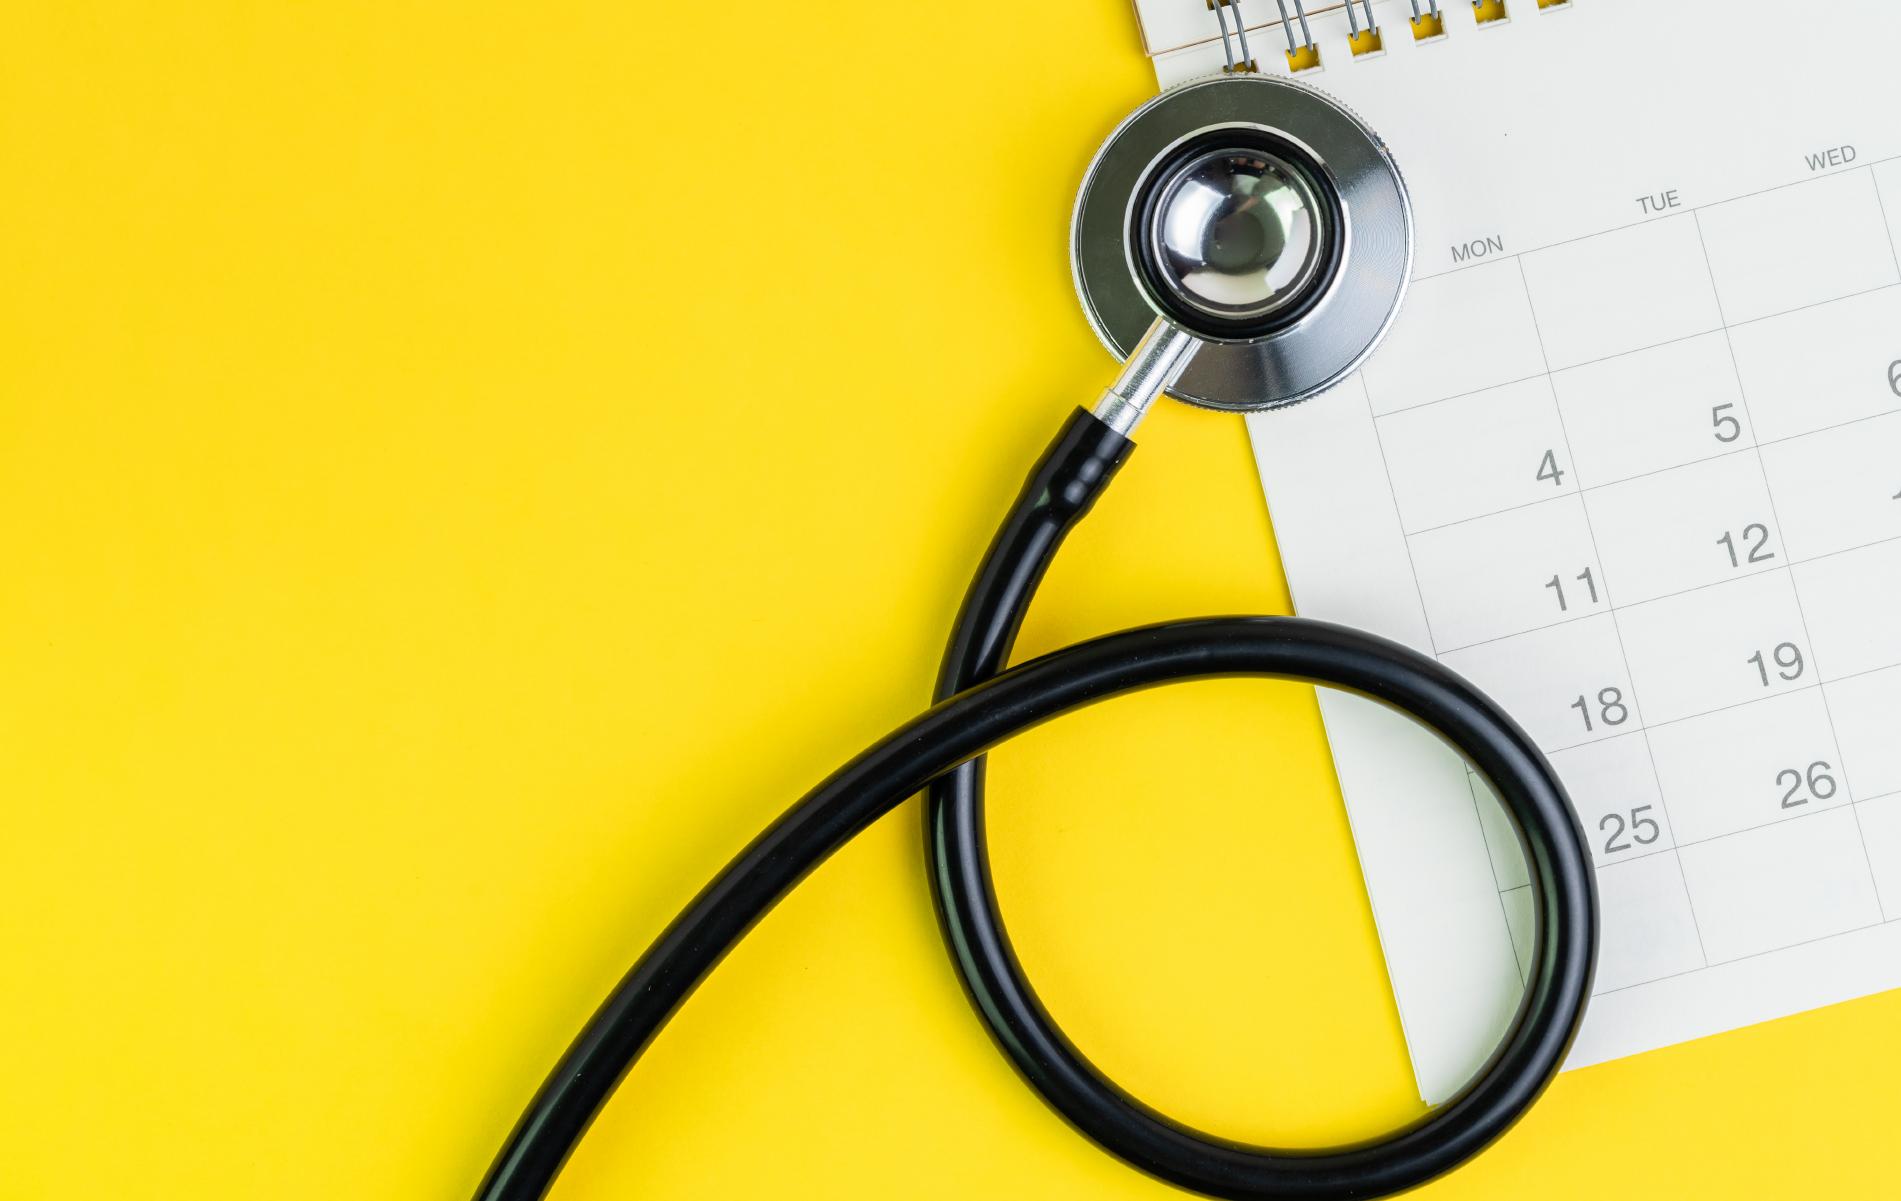 Consultas, exames, procedimentos foram suspensos parcialmente por conta da pandemia do novo coronavírus. (Crédito: divulgação)